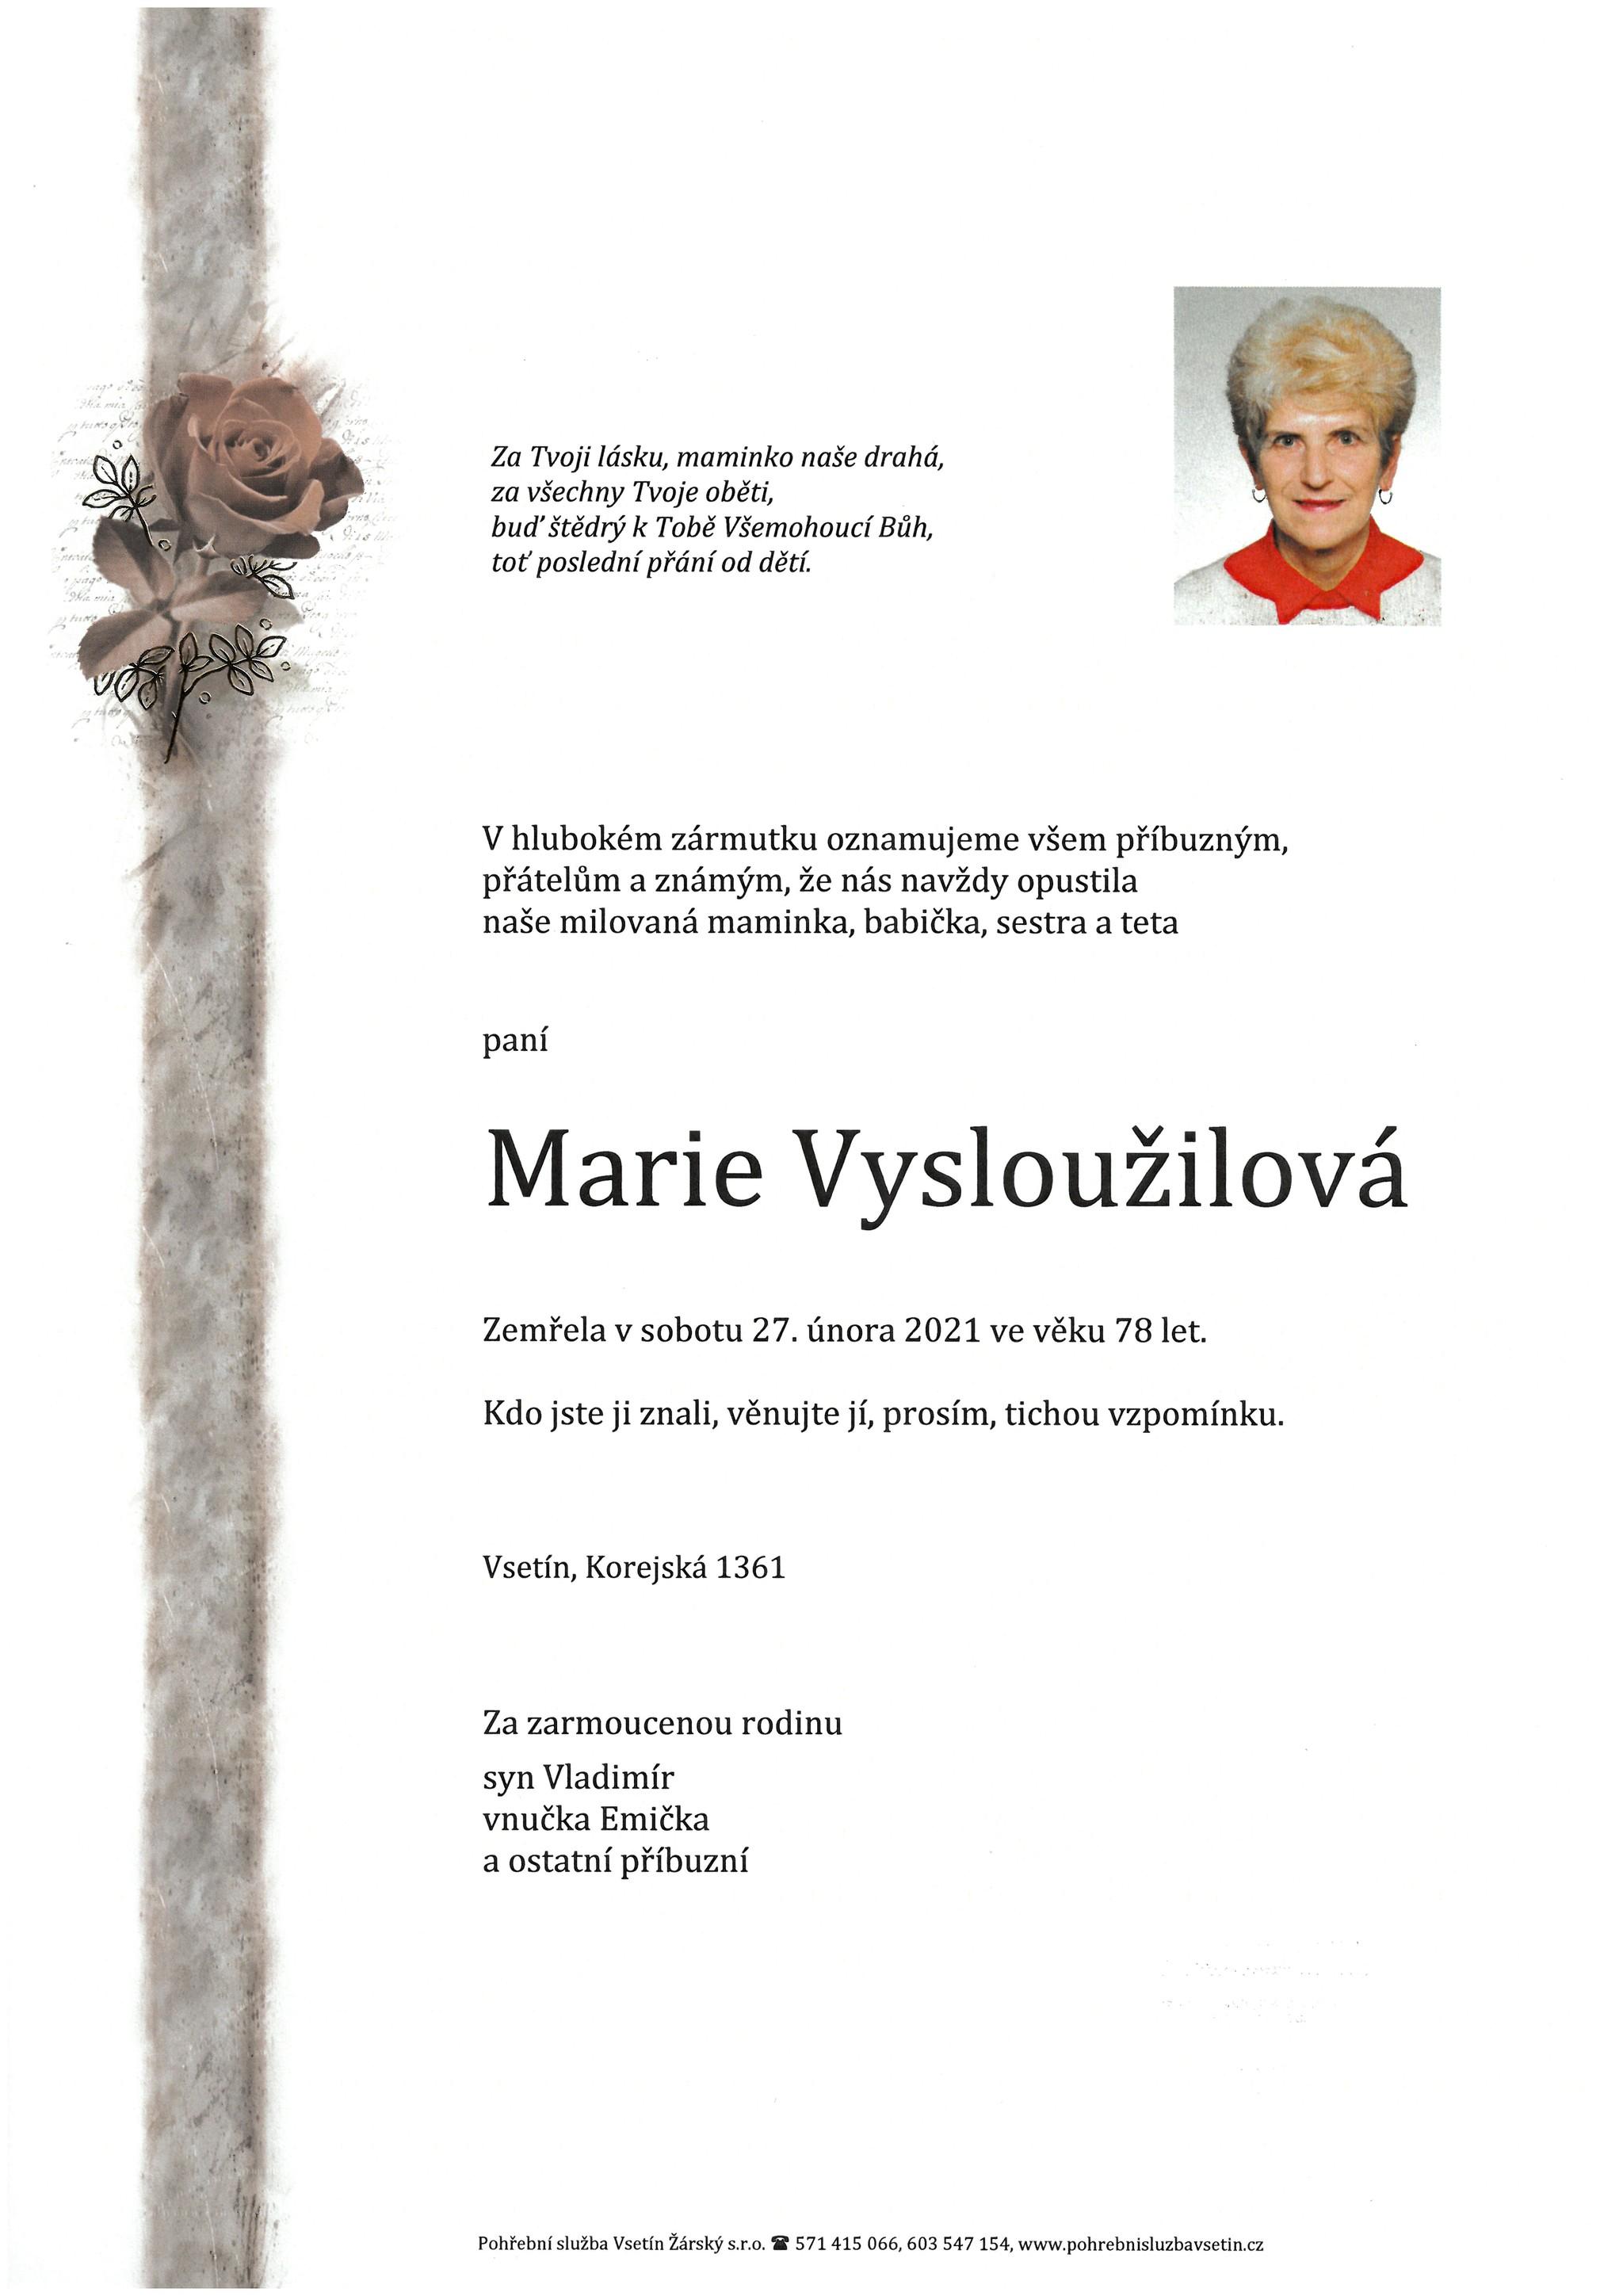 Marie Vysloužilová